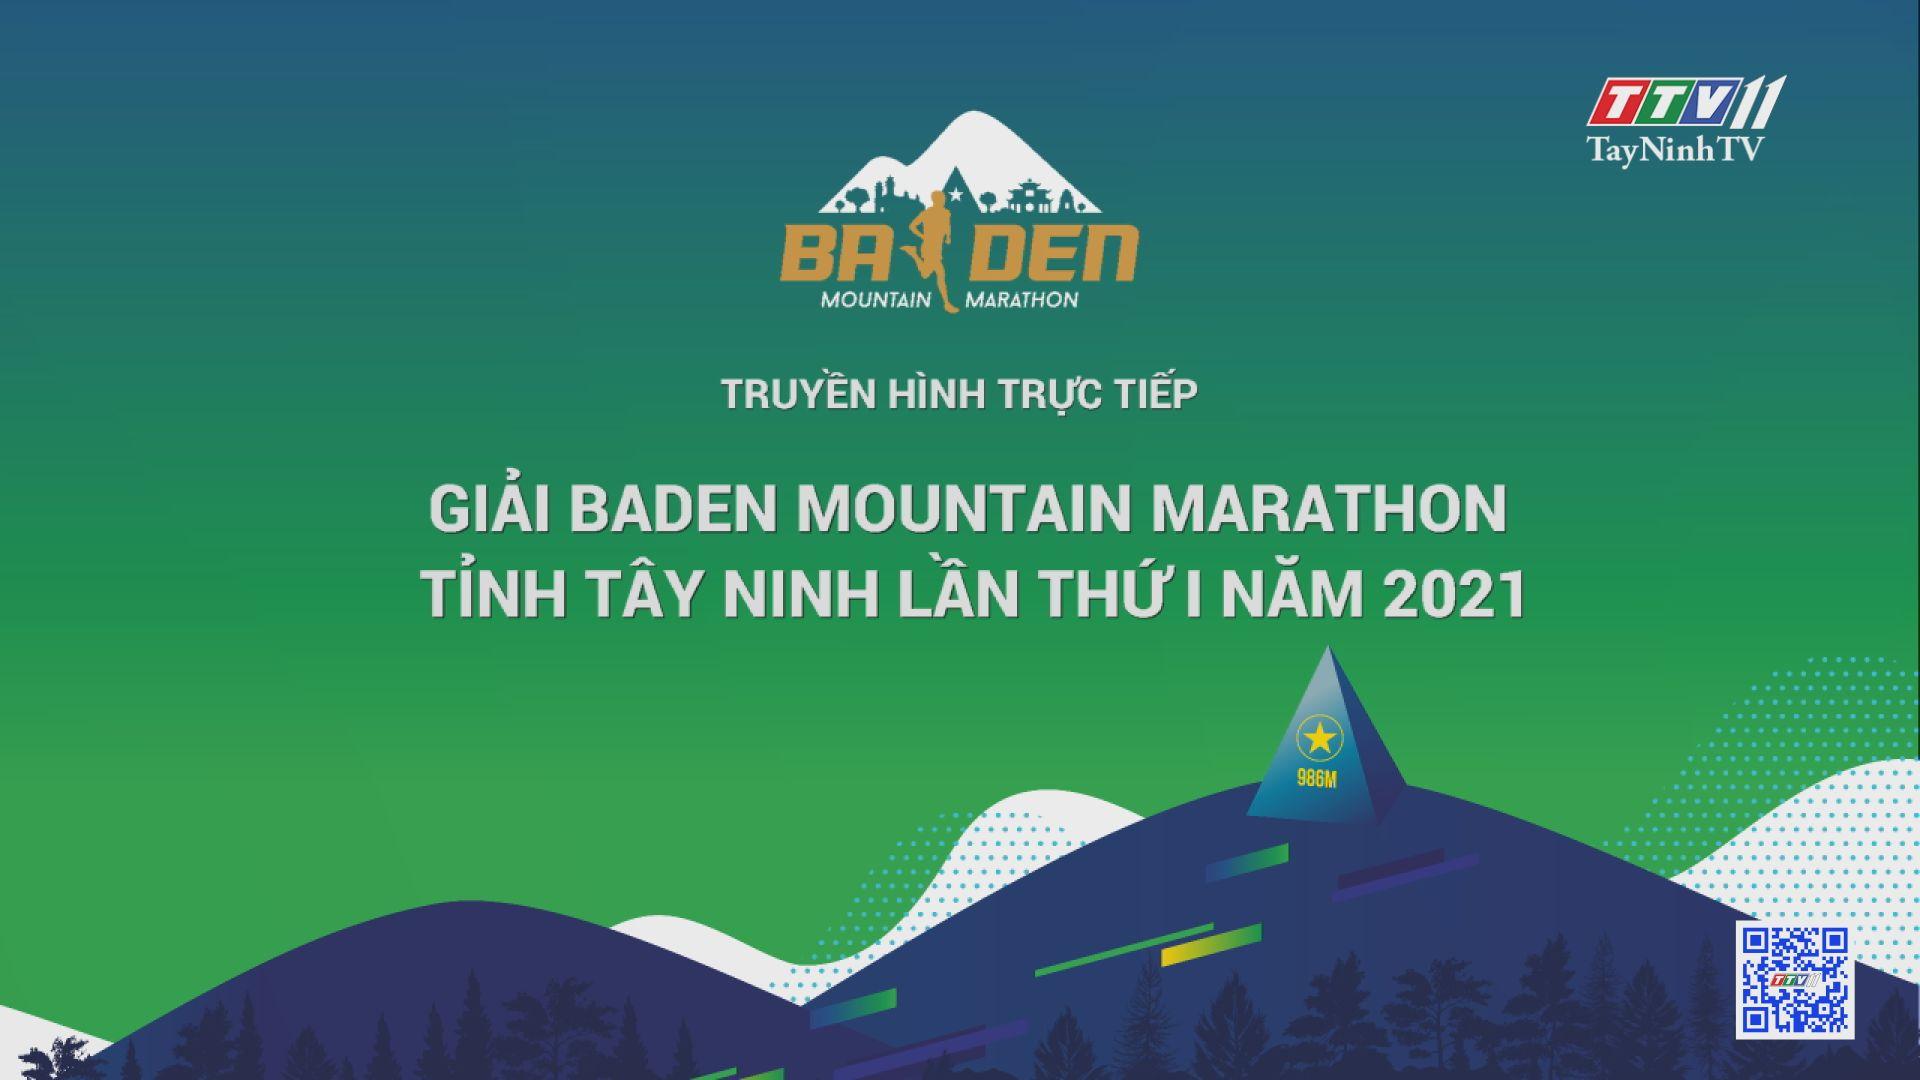 Trực tiếp Giải BaDen Mountain Marathon tỉnh Tây Ninh lần thứ I năm 2021   TayNinhTVE